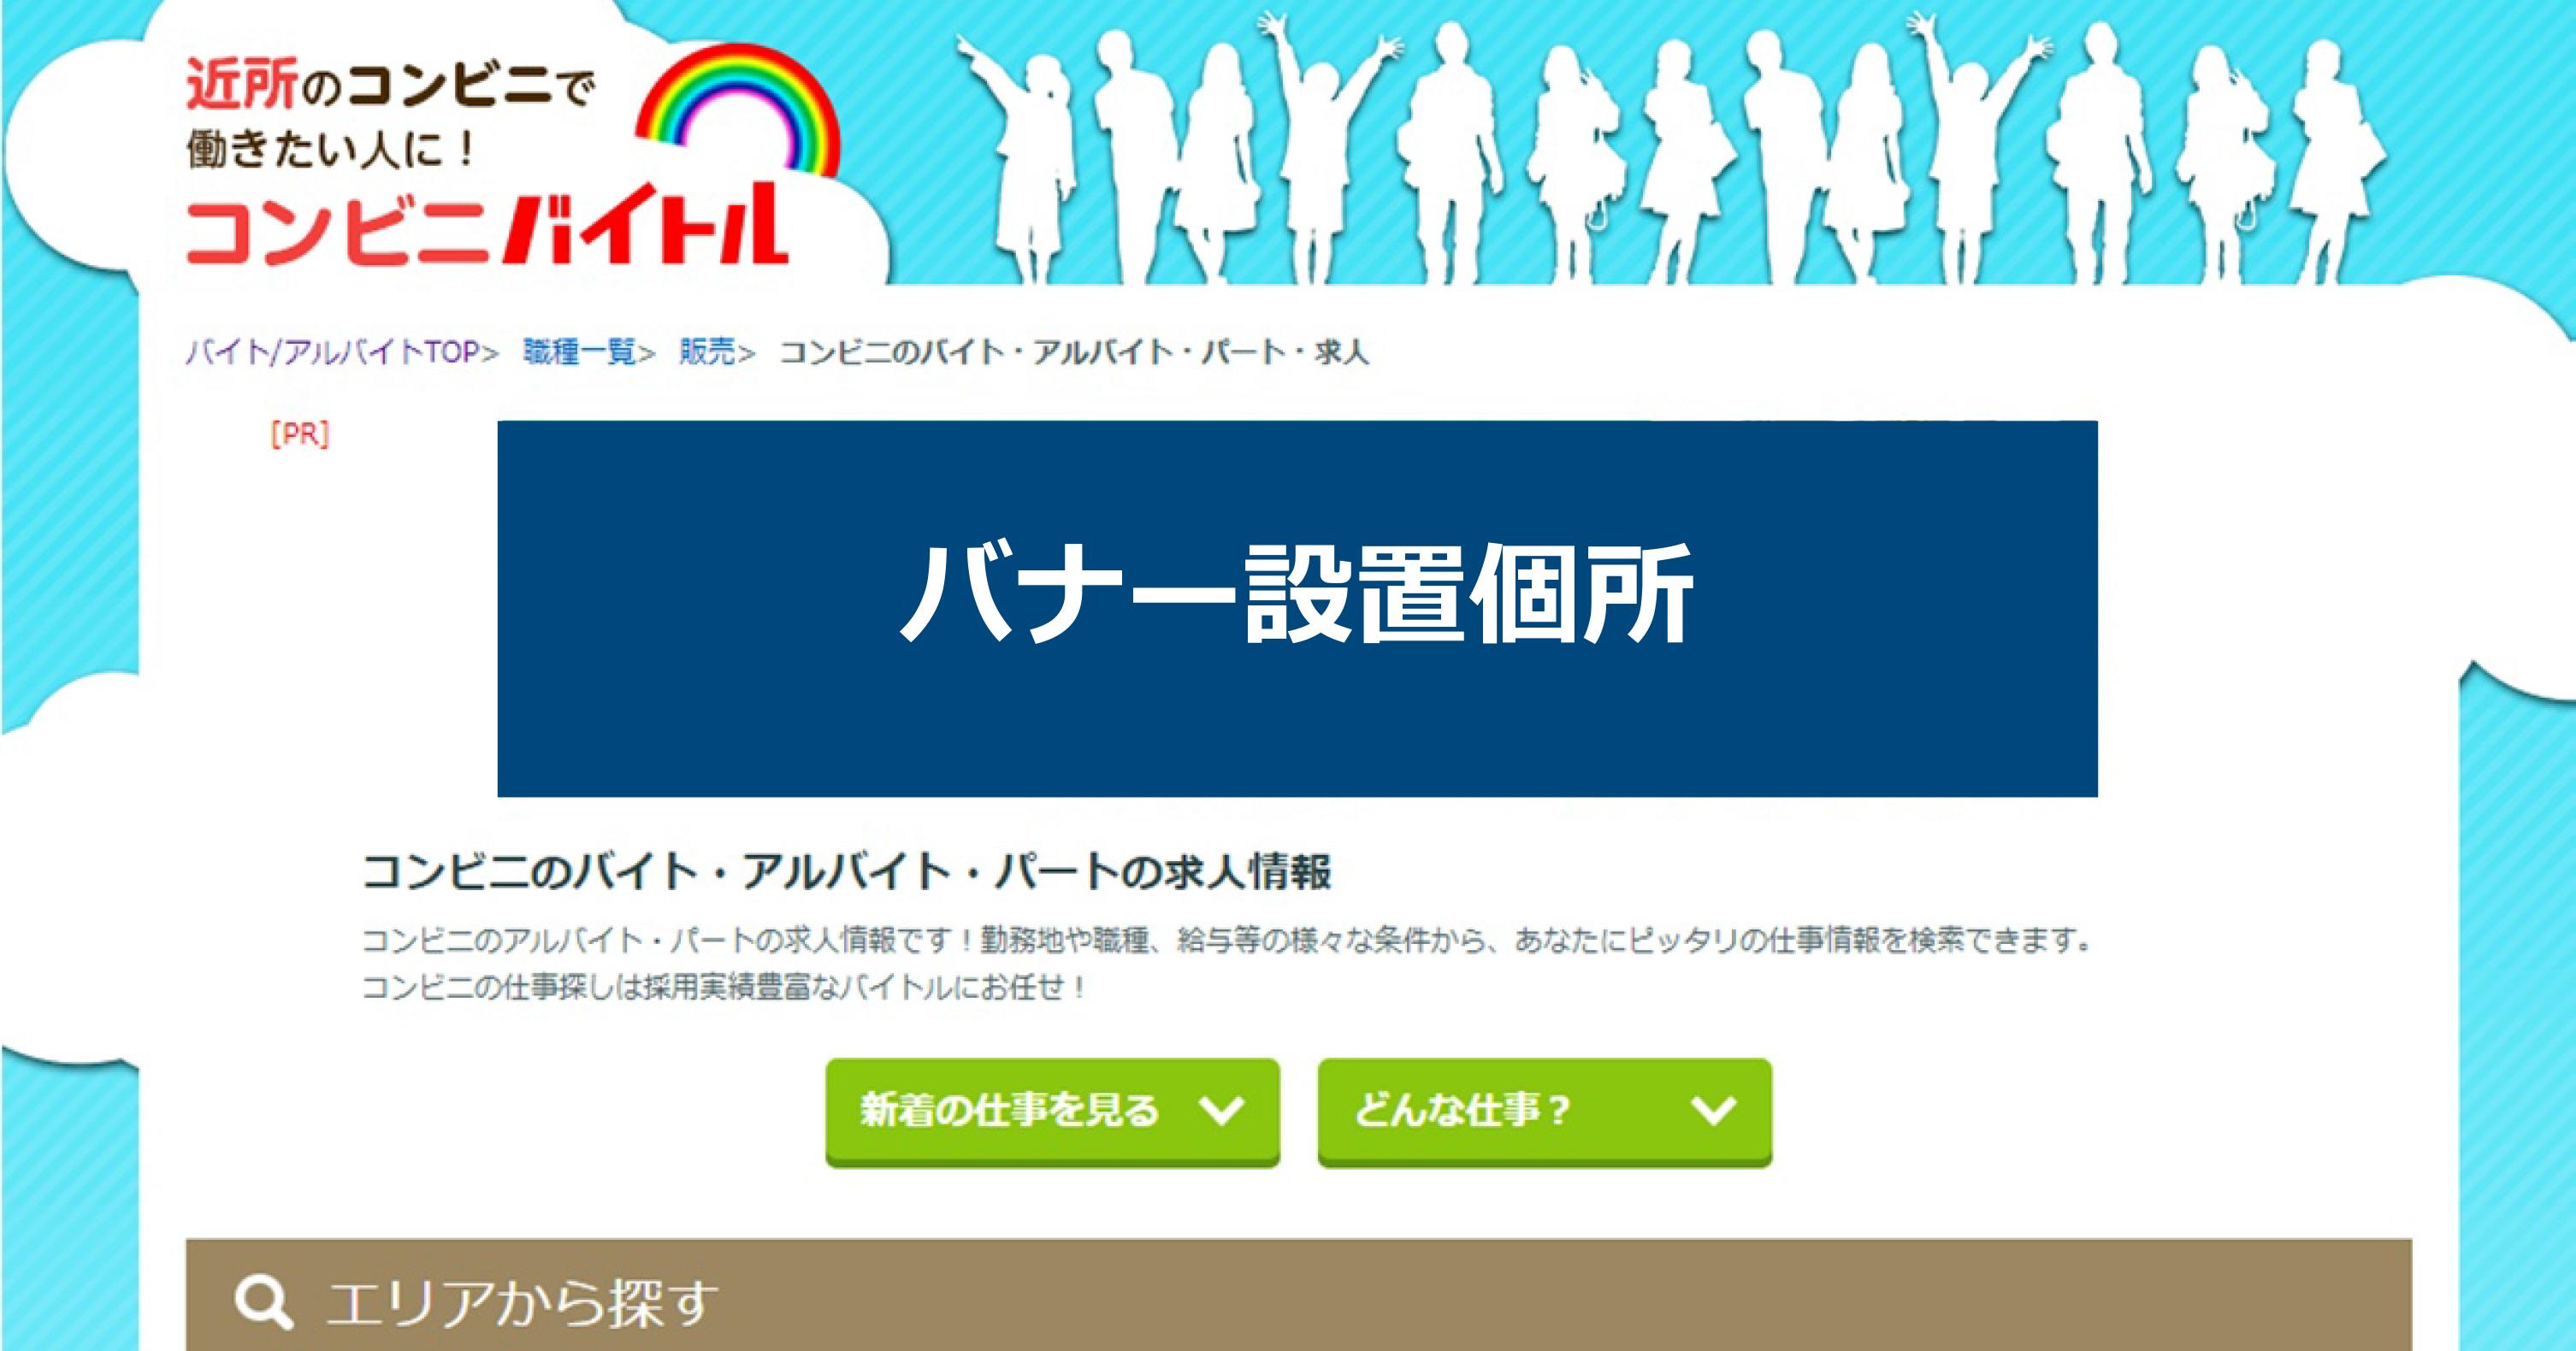 conveni_top